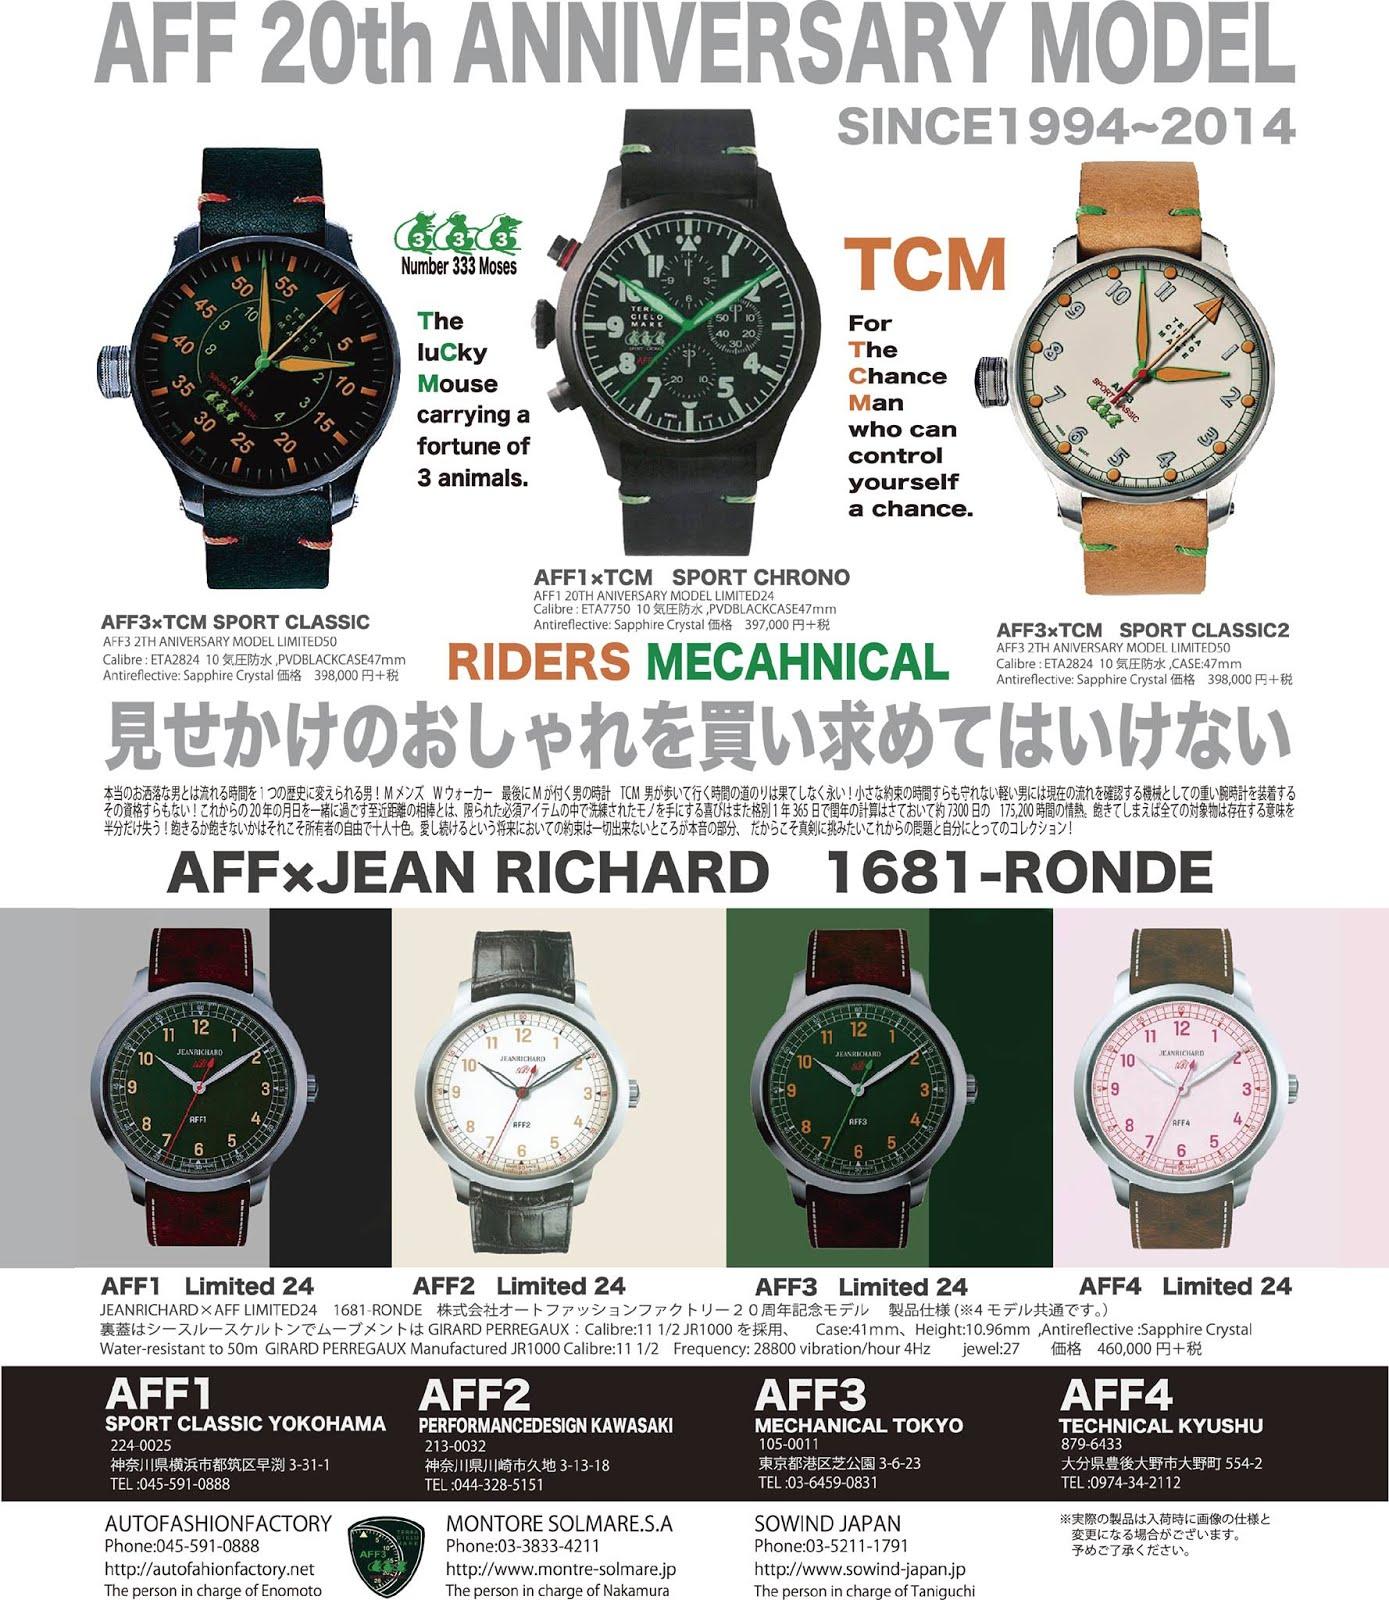 2014年10月10日 メンズウォーカー掲載広告です。